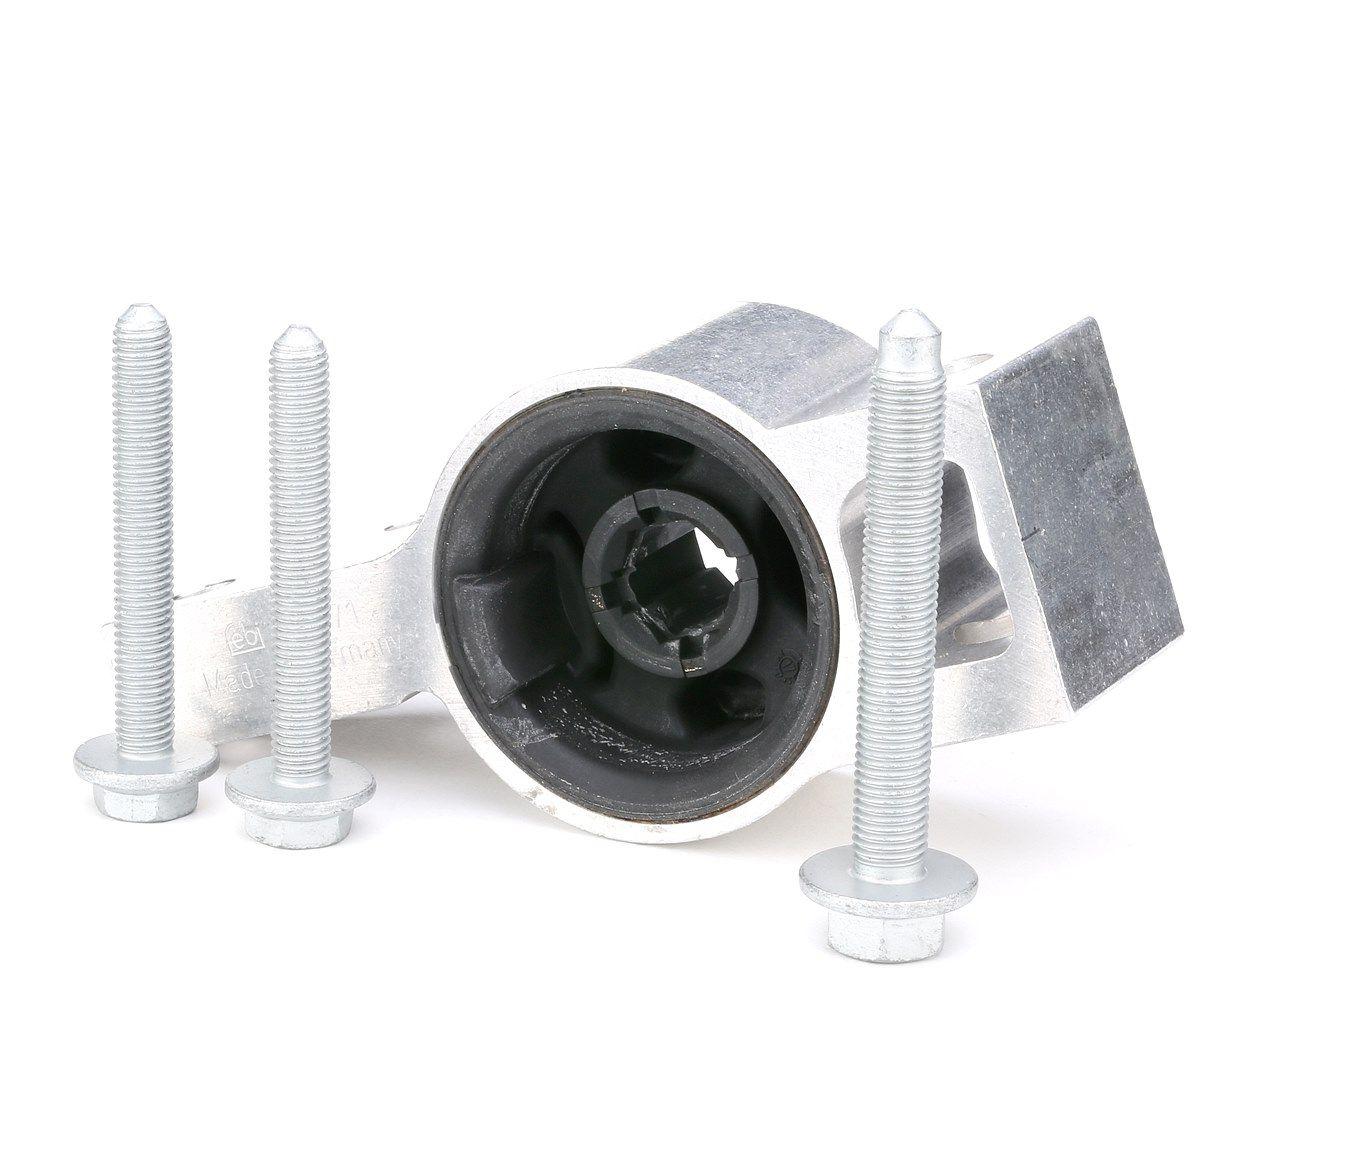 32541 FEBI BILSTEIN mit Befestigungsmaterial, febi Plus, hinten, unten, Vorderachse rechts Ø: 79,0mm Lagerung, Lenker 32541 günstig kaufen